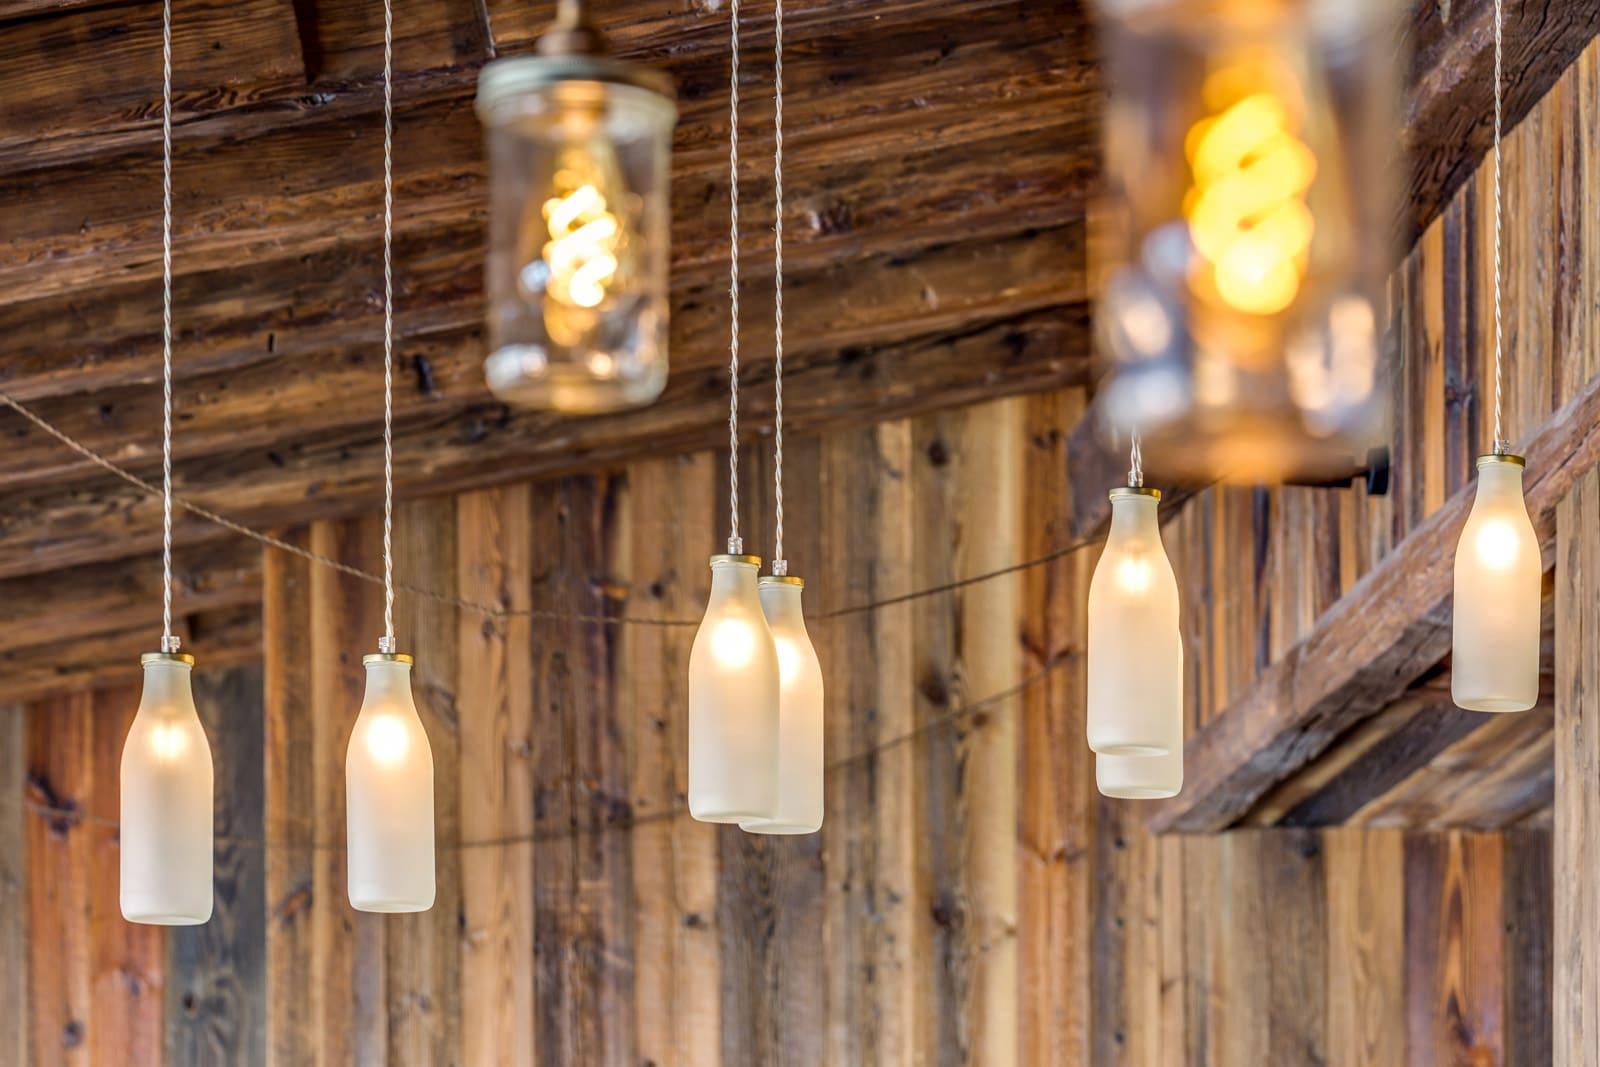 Milk bottle and Jam Jar pendants from Mullan Lighting